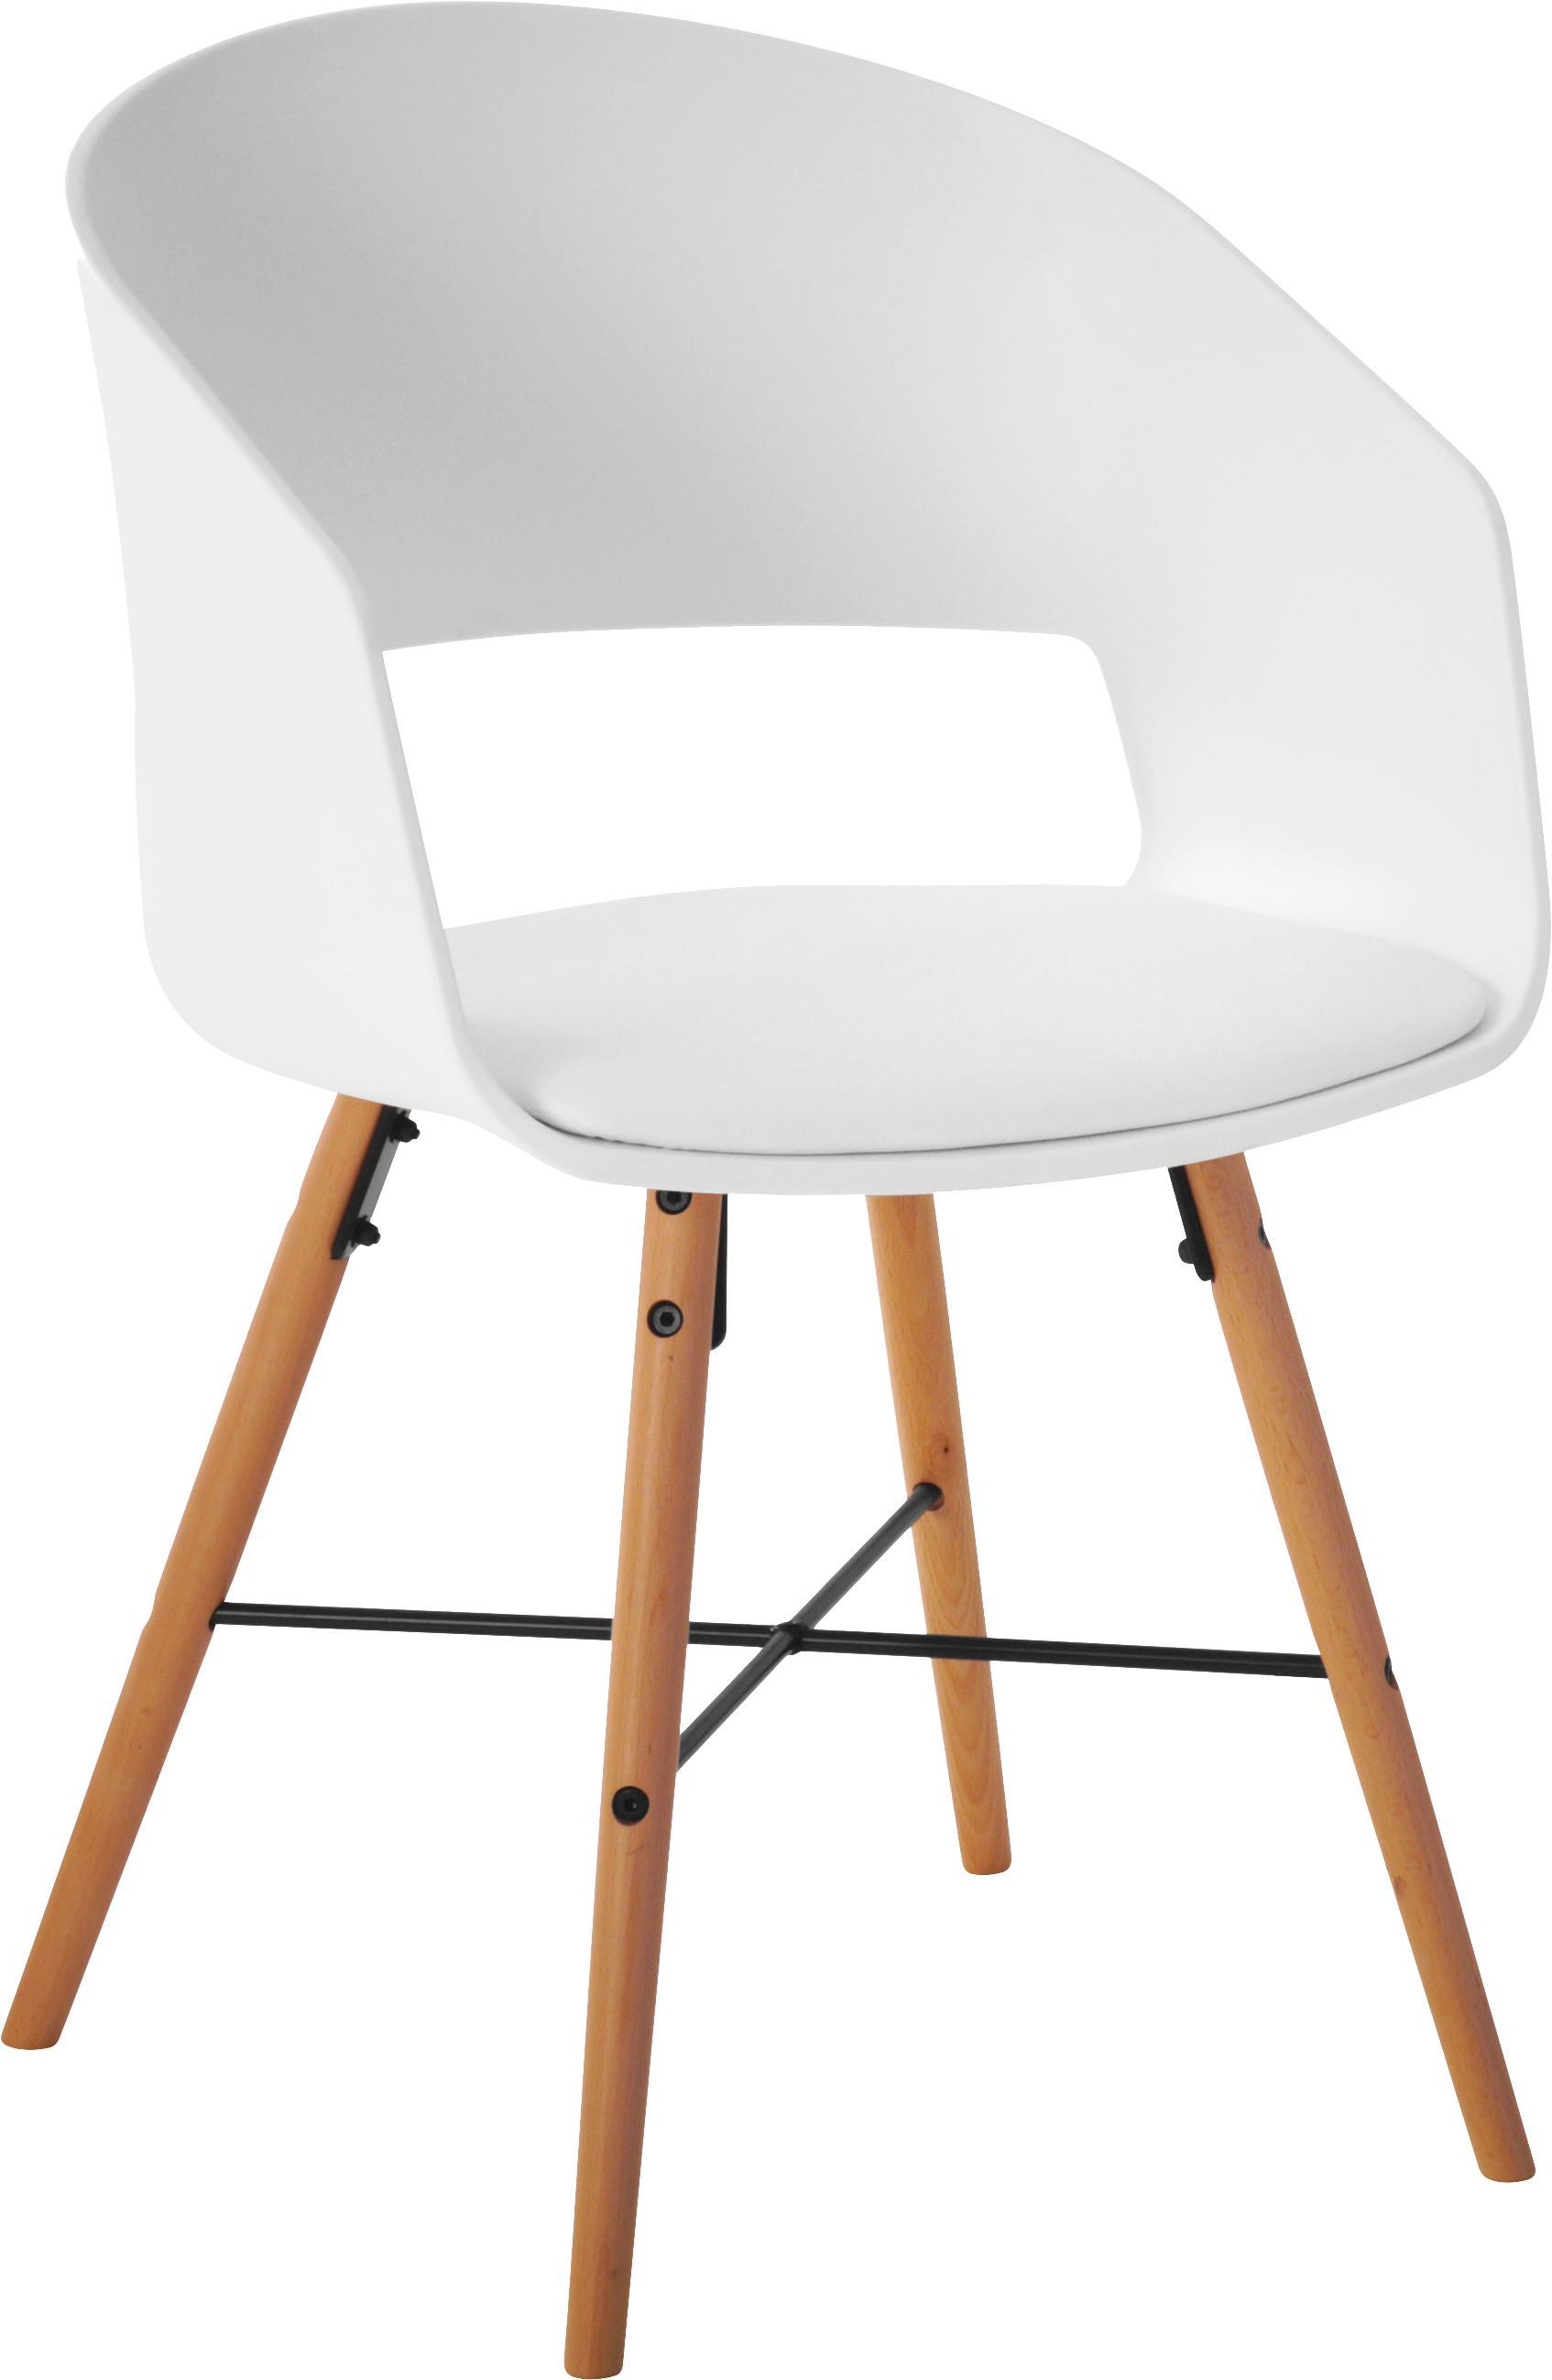 Armlehnstühle Luna mit gepolsteter Sitzfläche, 2 Stück, Beine: Buchenholz, lackiert, Weiss, B 52 x T 52 cm